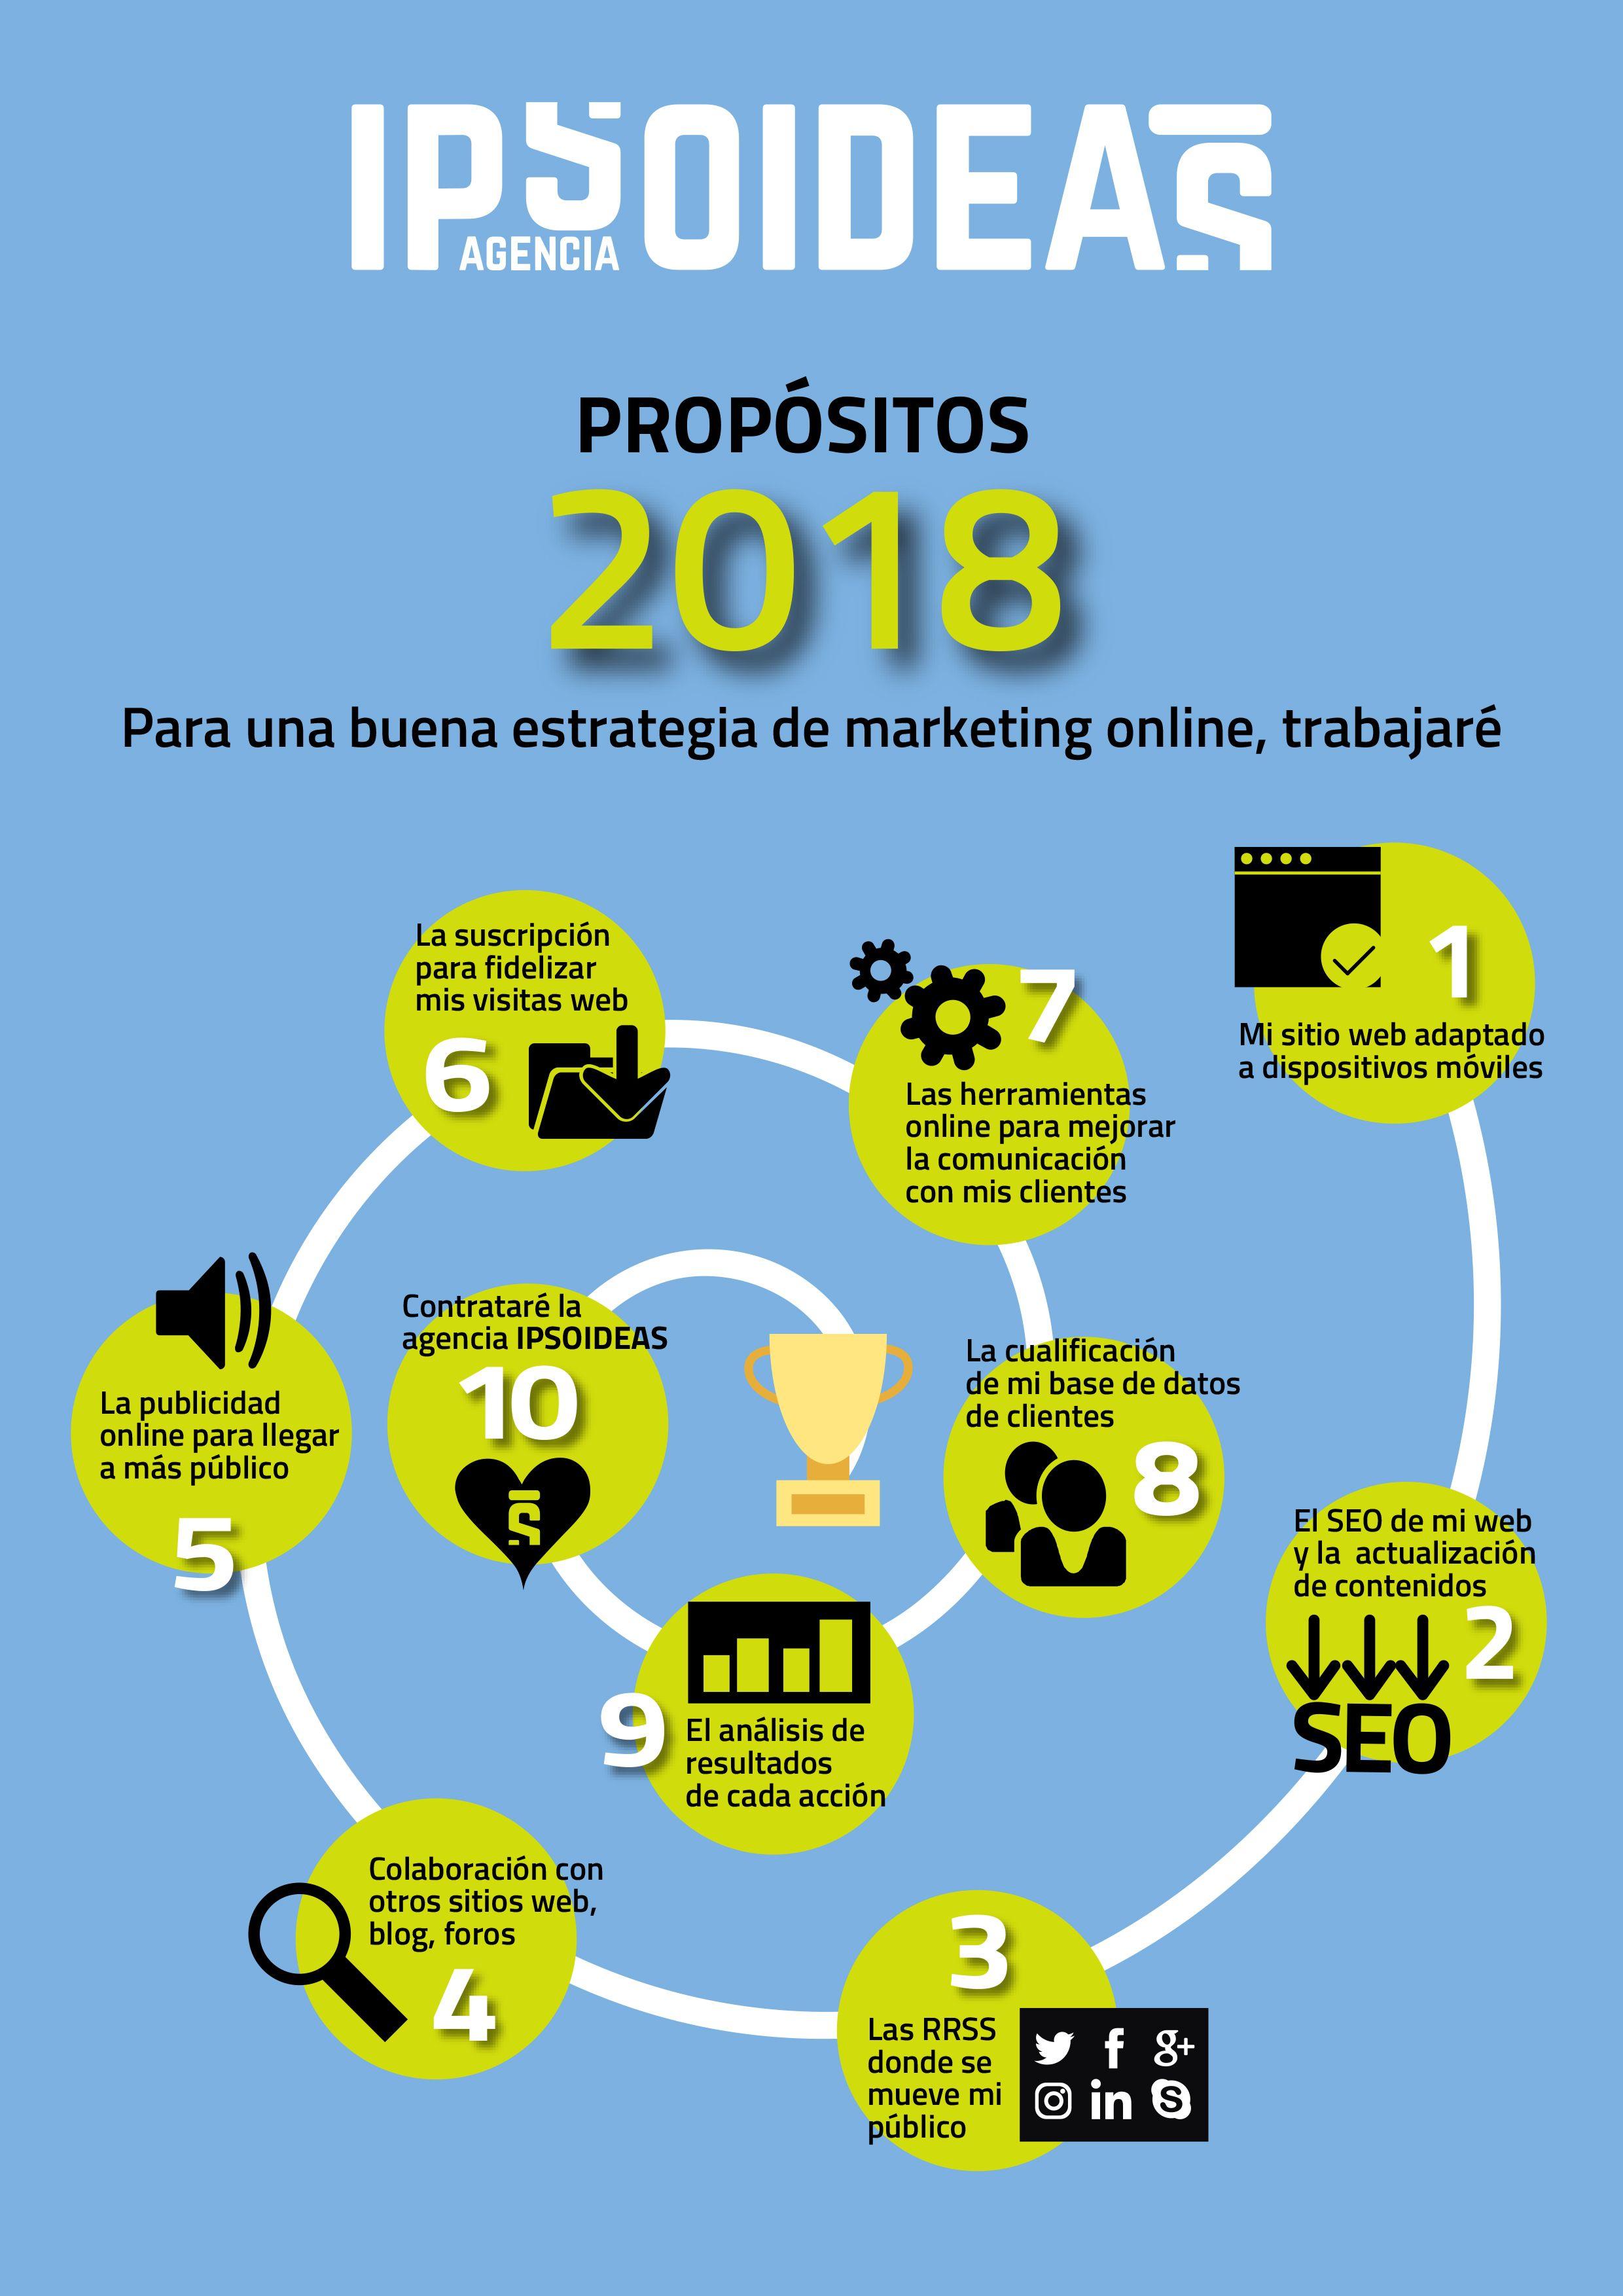 infografía propósitos 2018 para una buena estrategia online